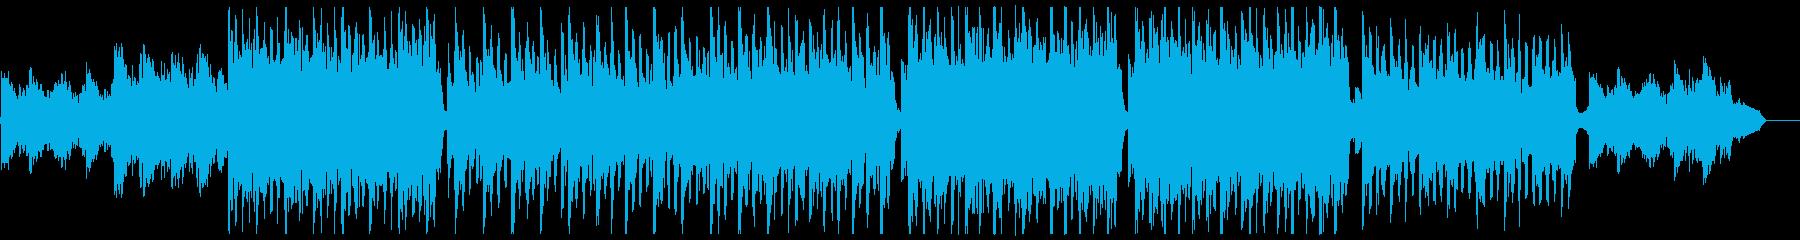 明るく爽やかなピアノ&シンセ:フルx1の再生済みの波形